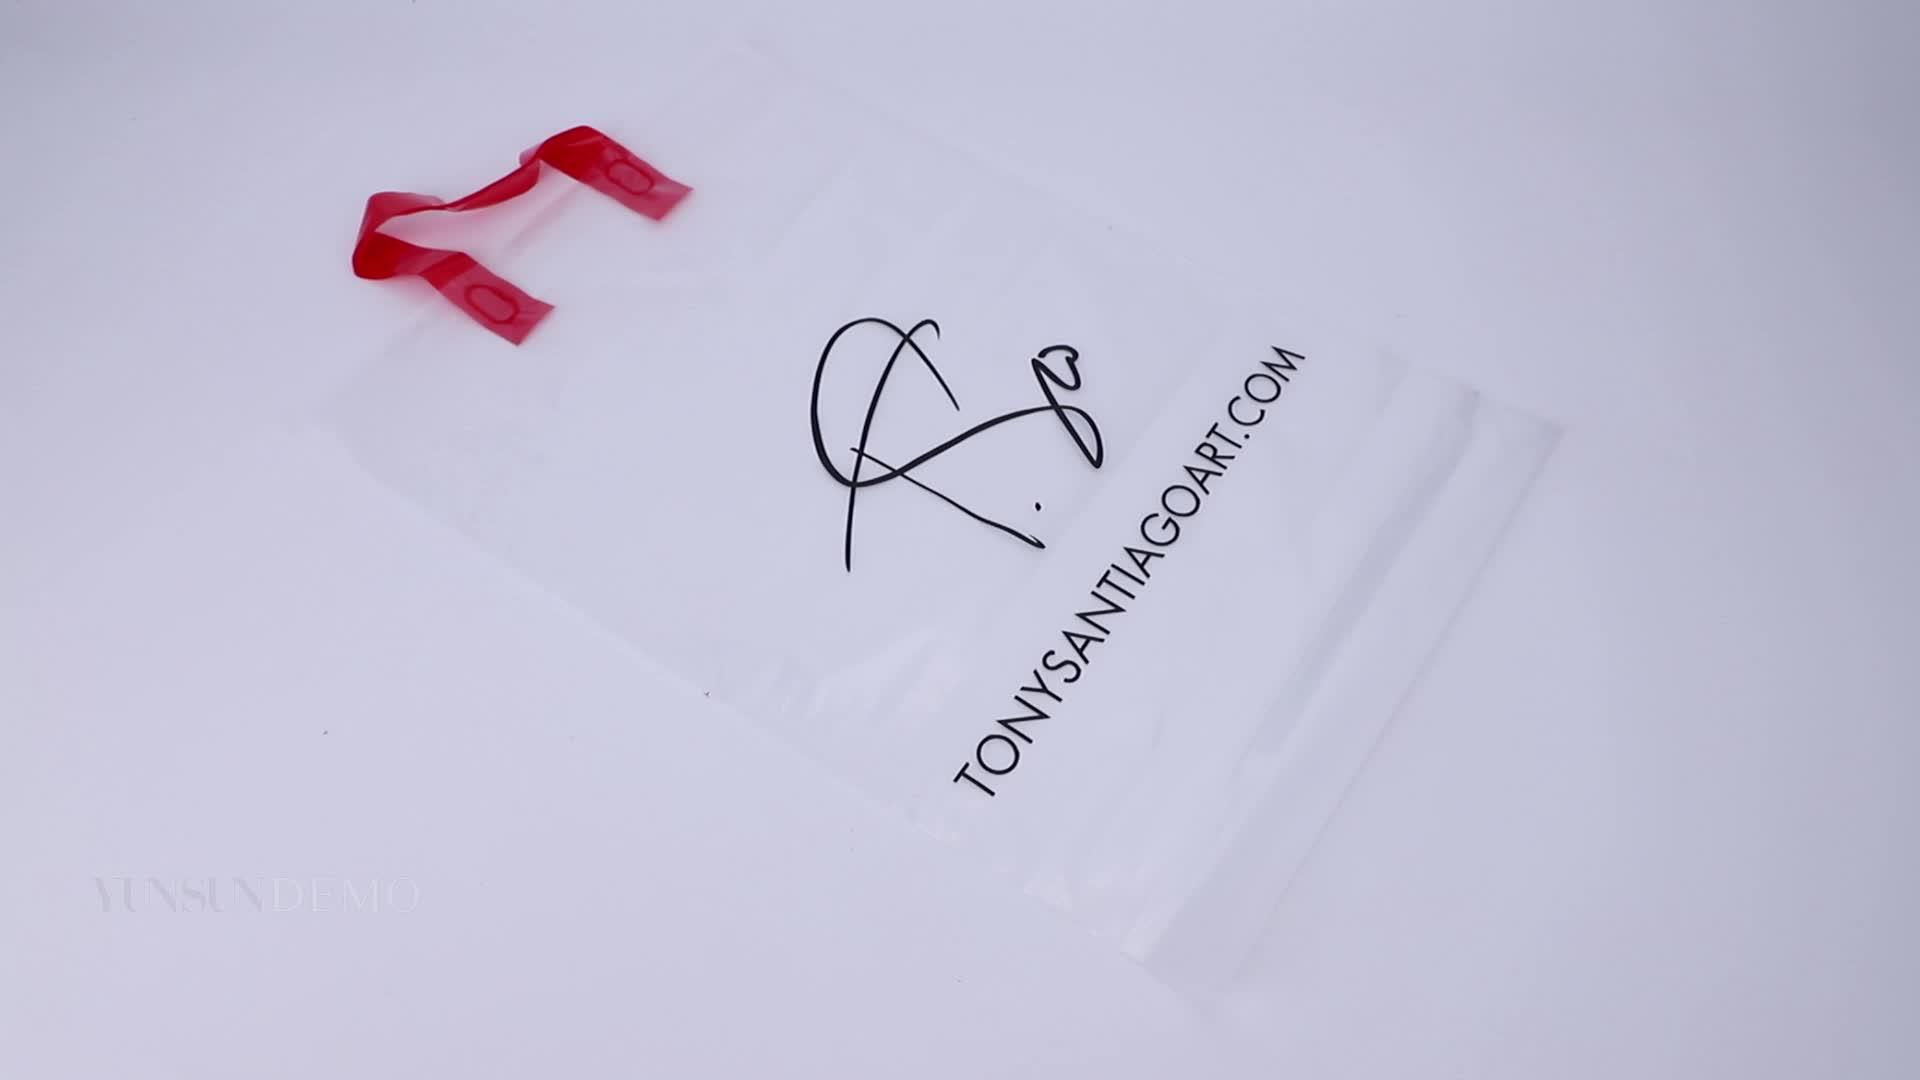 Изготовленные на заказ пластиковые мешки ручки покупок с собственным логотипом и печатанием текста